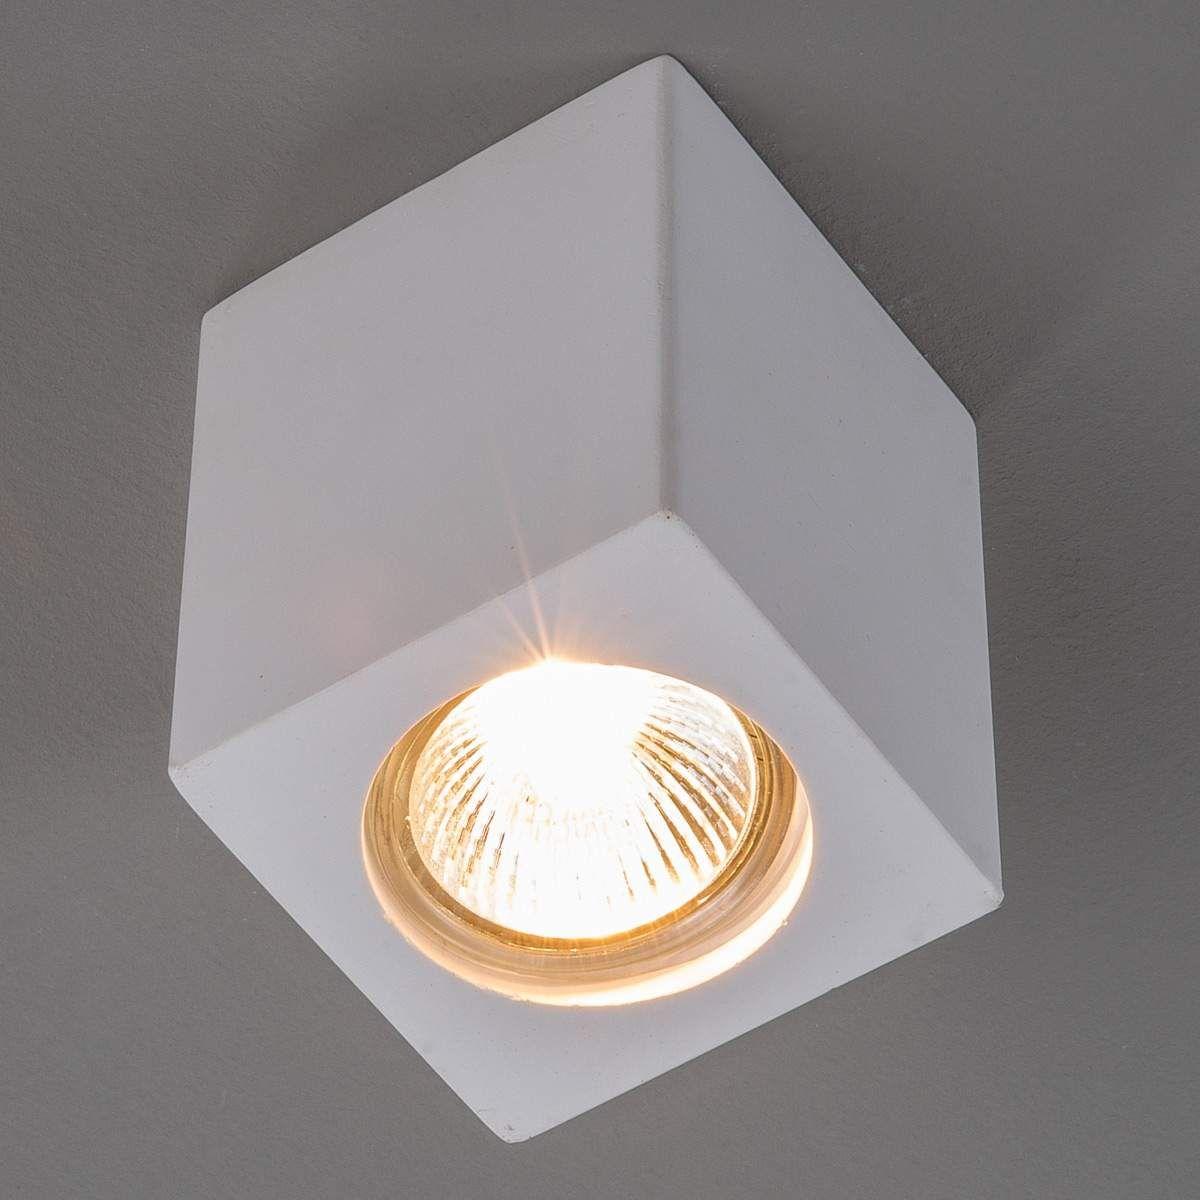 Gips Downlight Anelie Für Gu10 Lampe Höhe 11 Cm In 2020